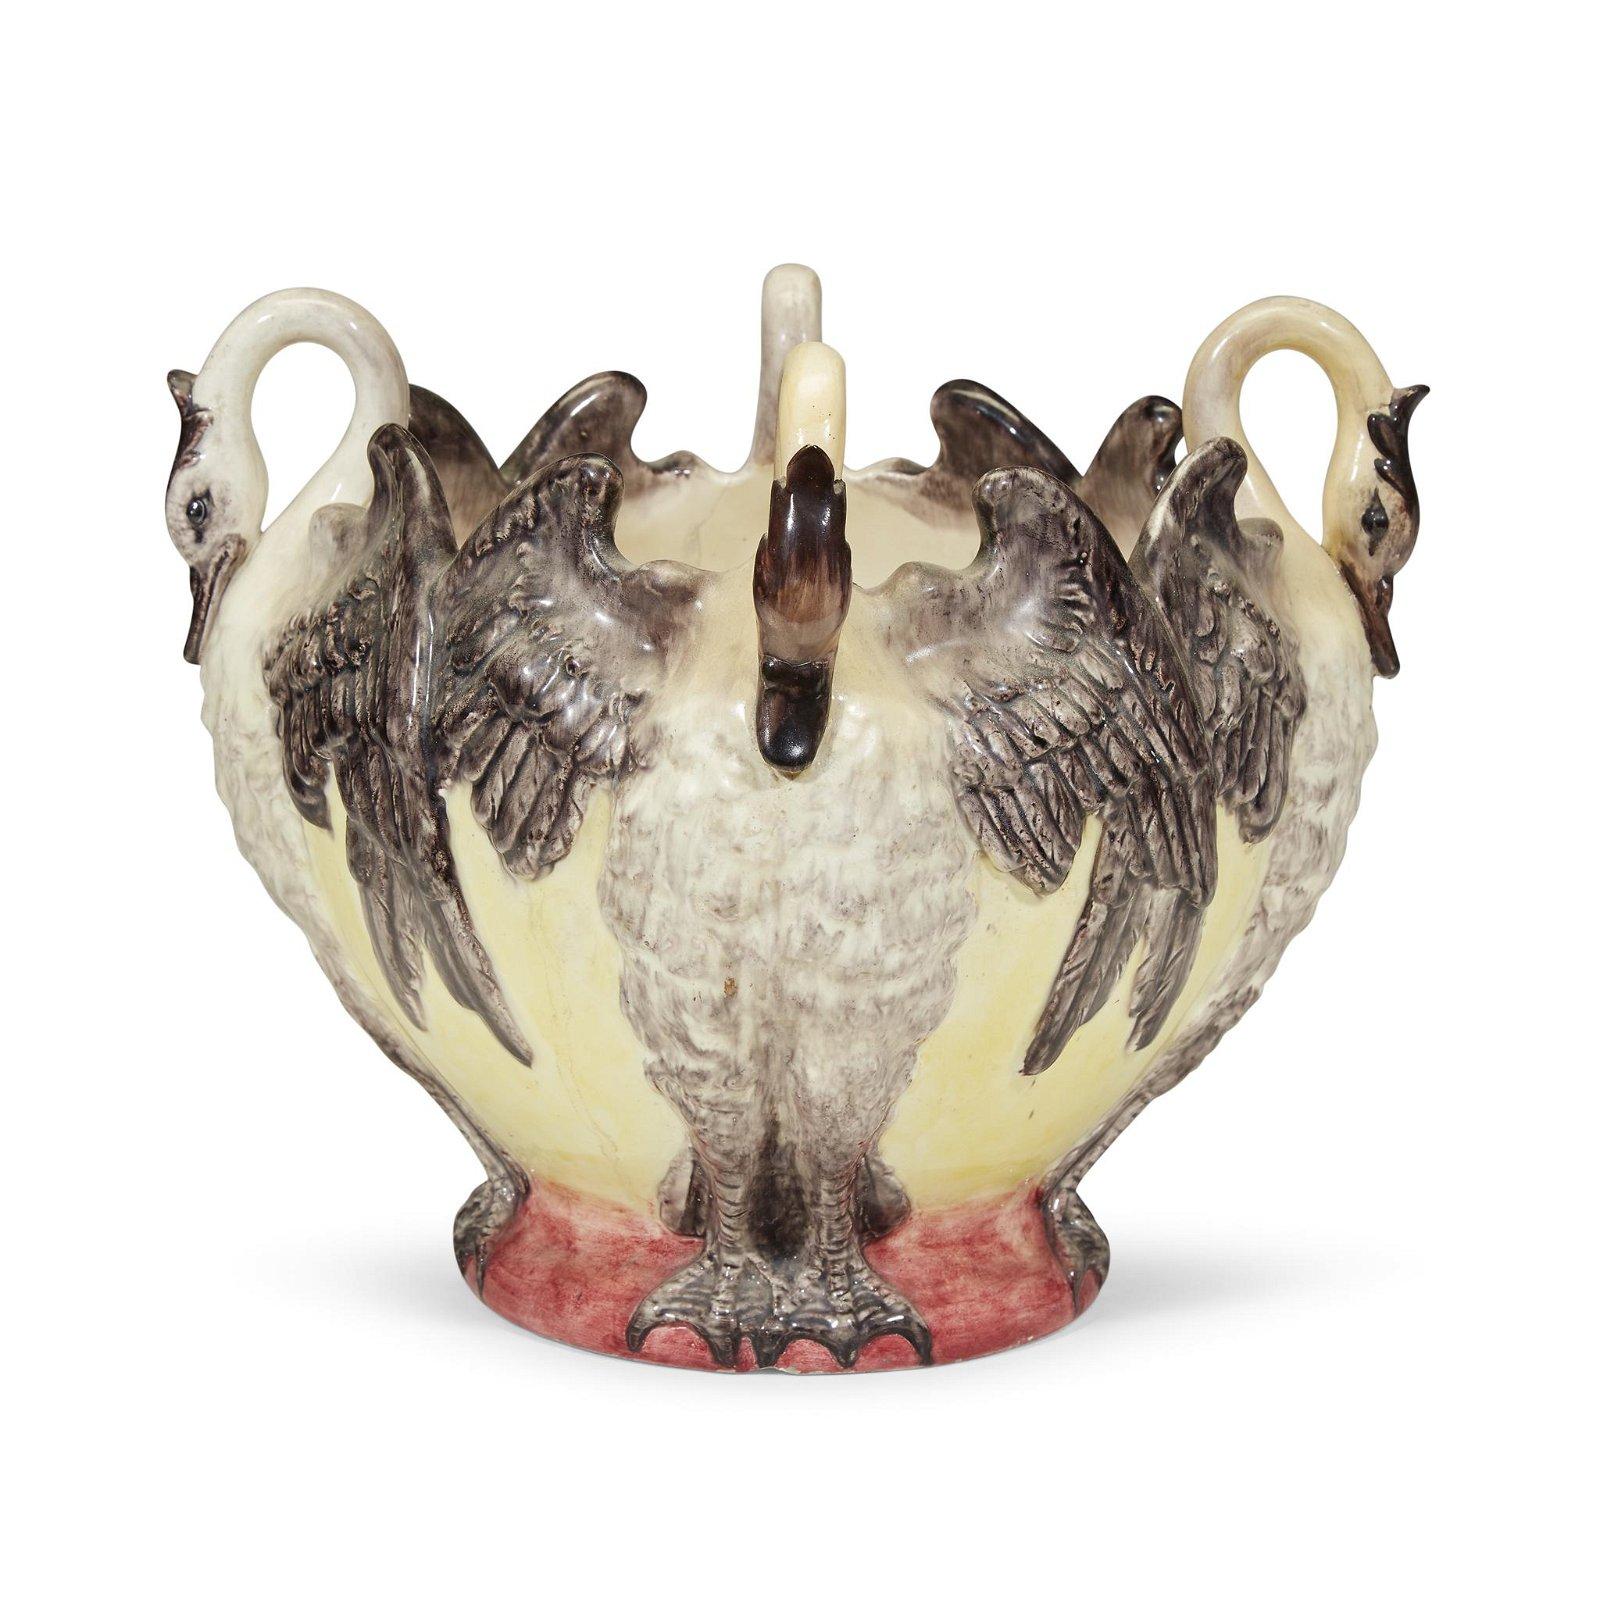 Delphin Massier (French, 1836-1907), A Majolica Swan